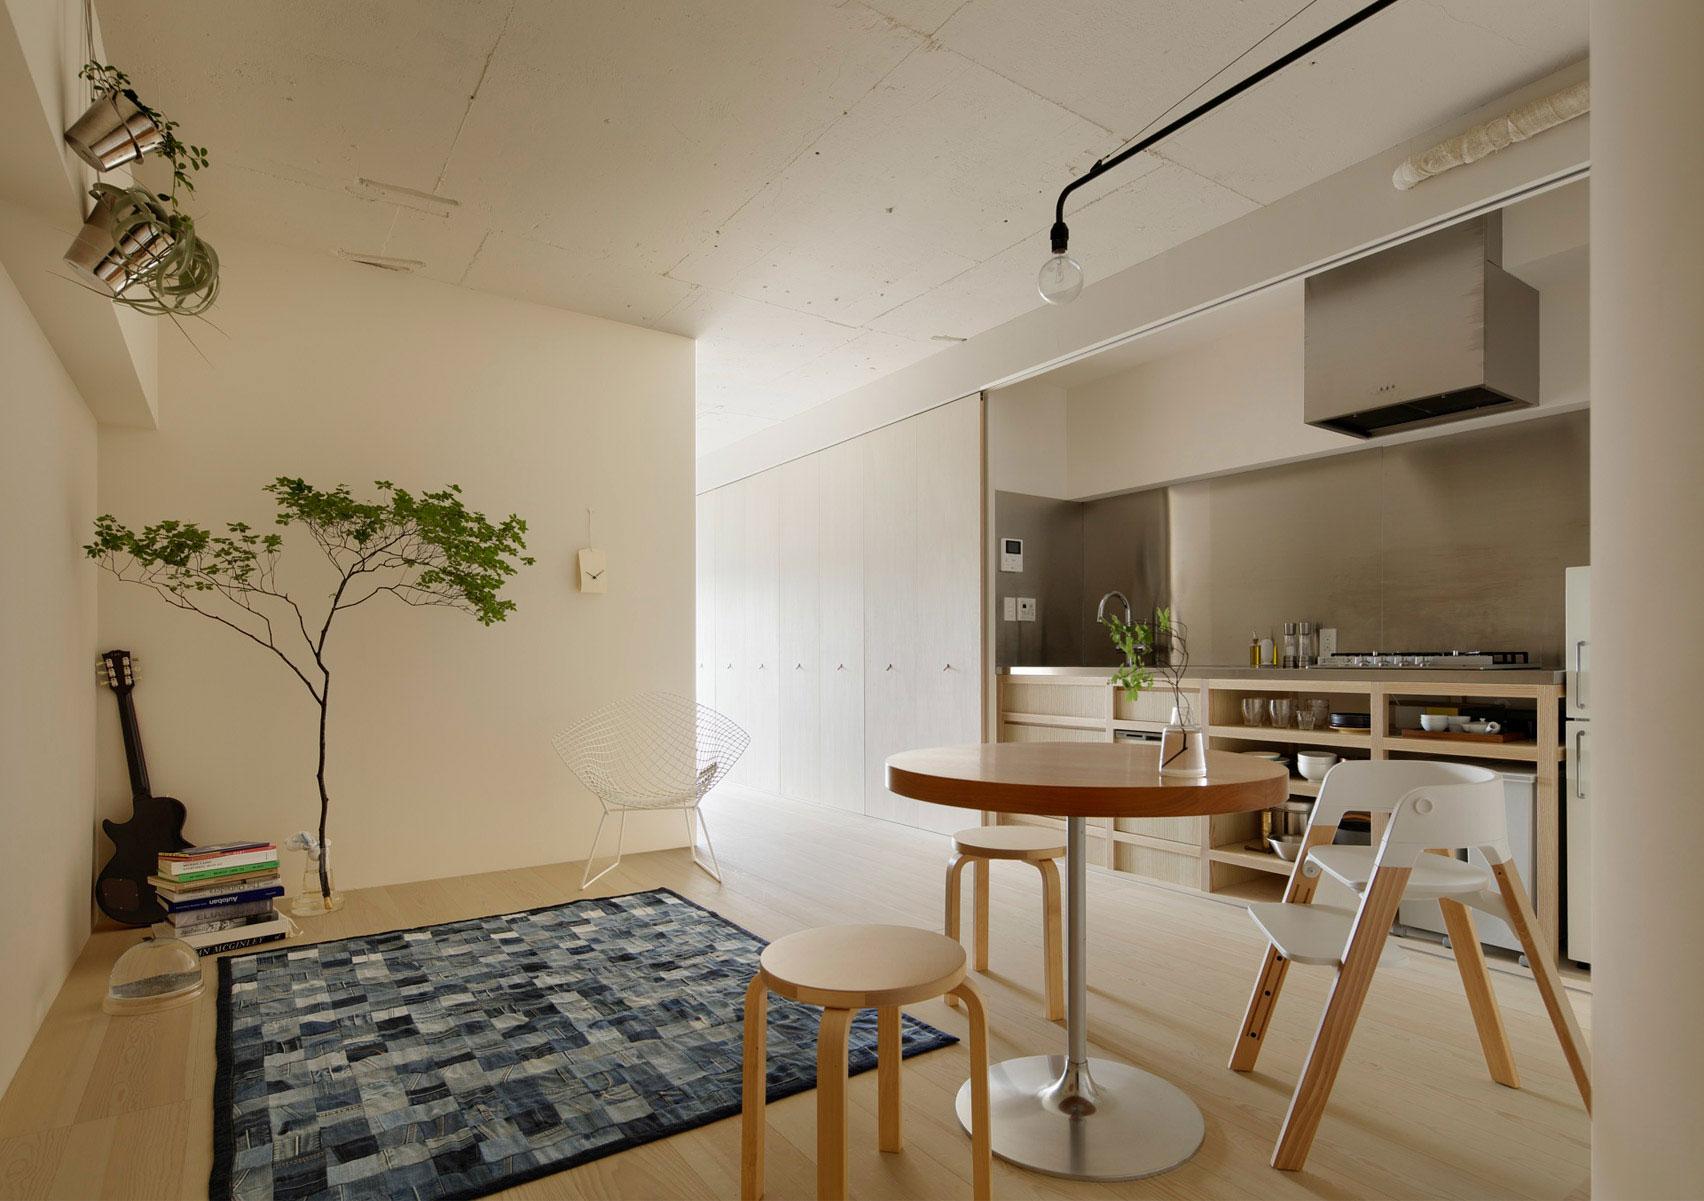 Обстановка однокомнатной квартиры в стиле минимализм